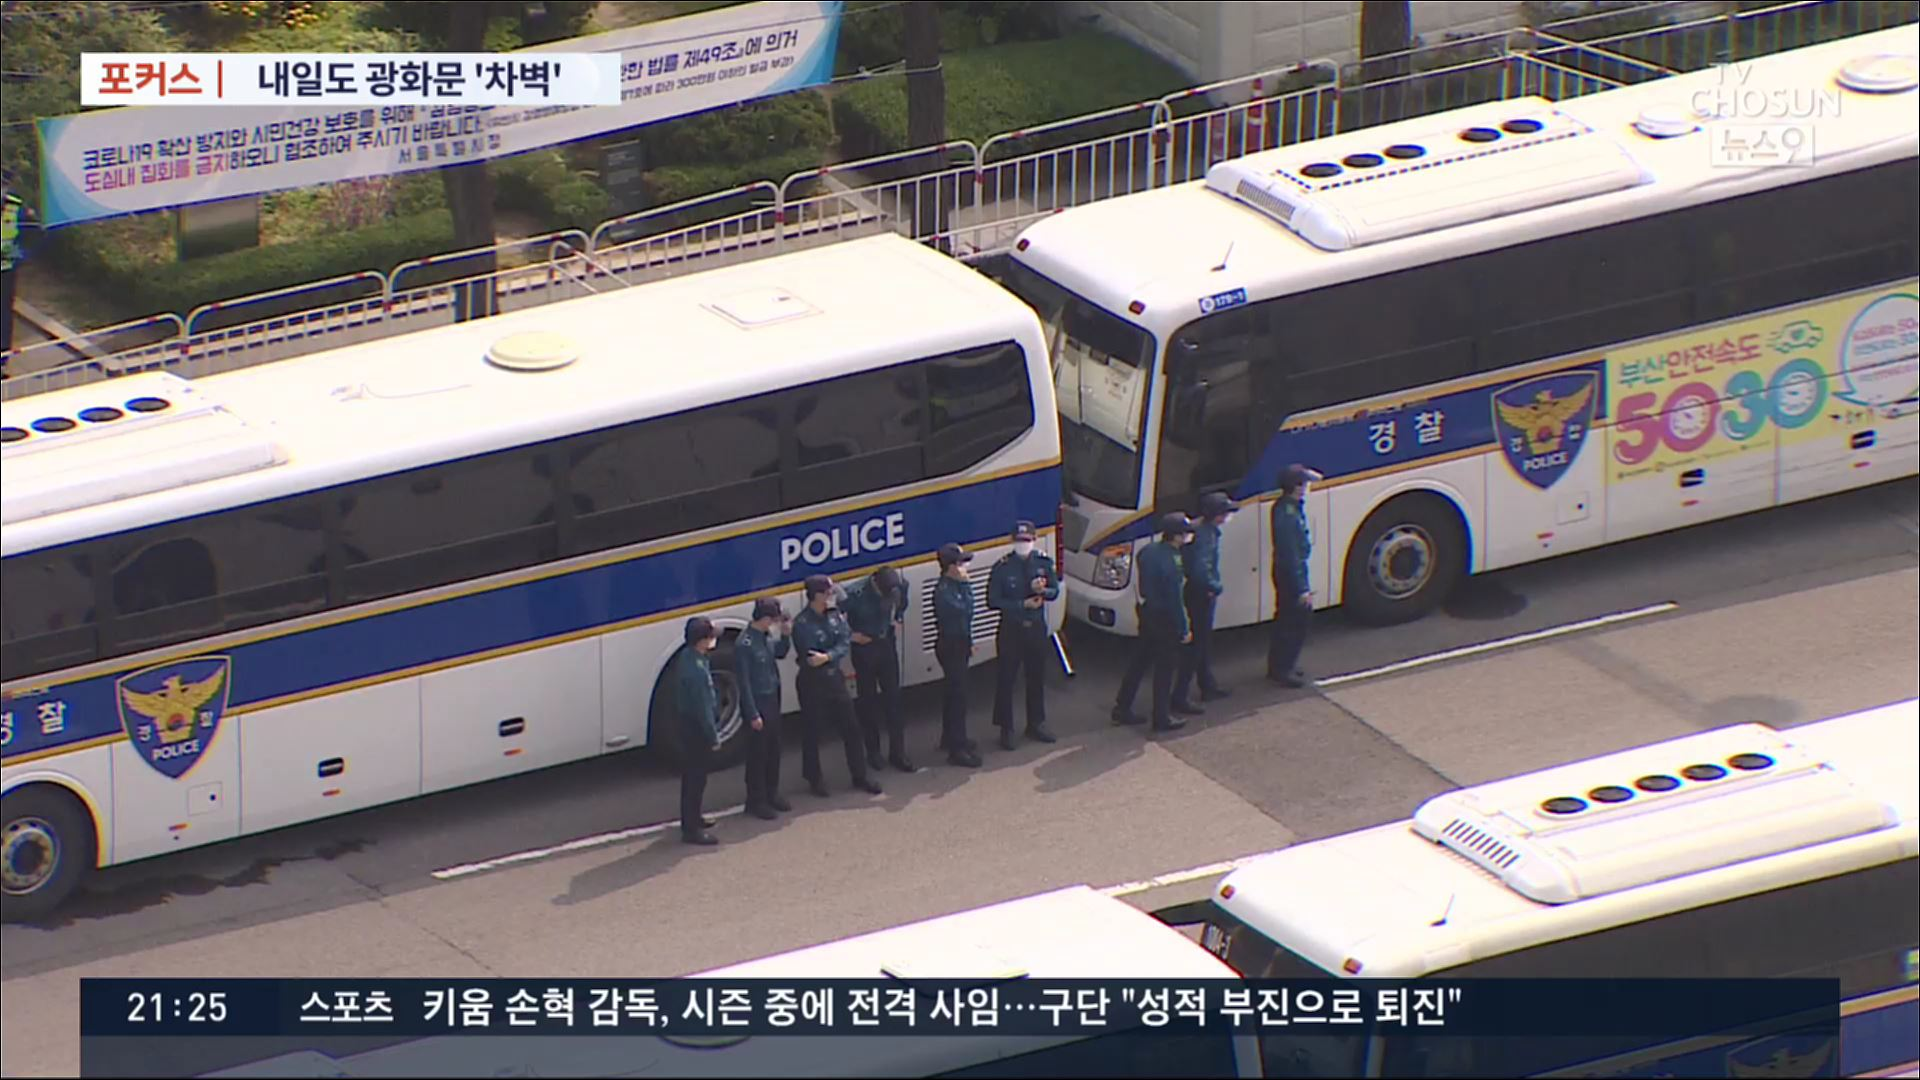 [포커스] 경찰청 국감 '차벽 공방'…'과잉대처' vs '방역조치'